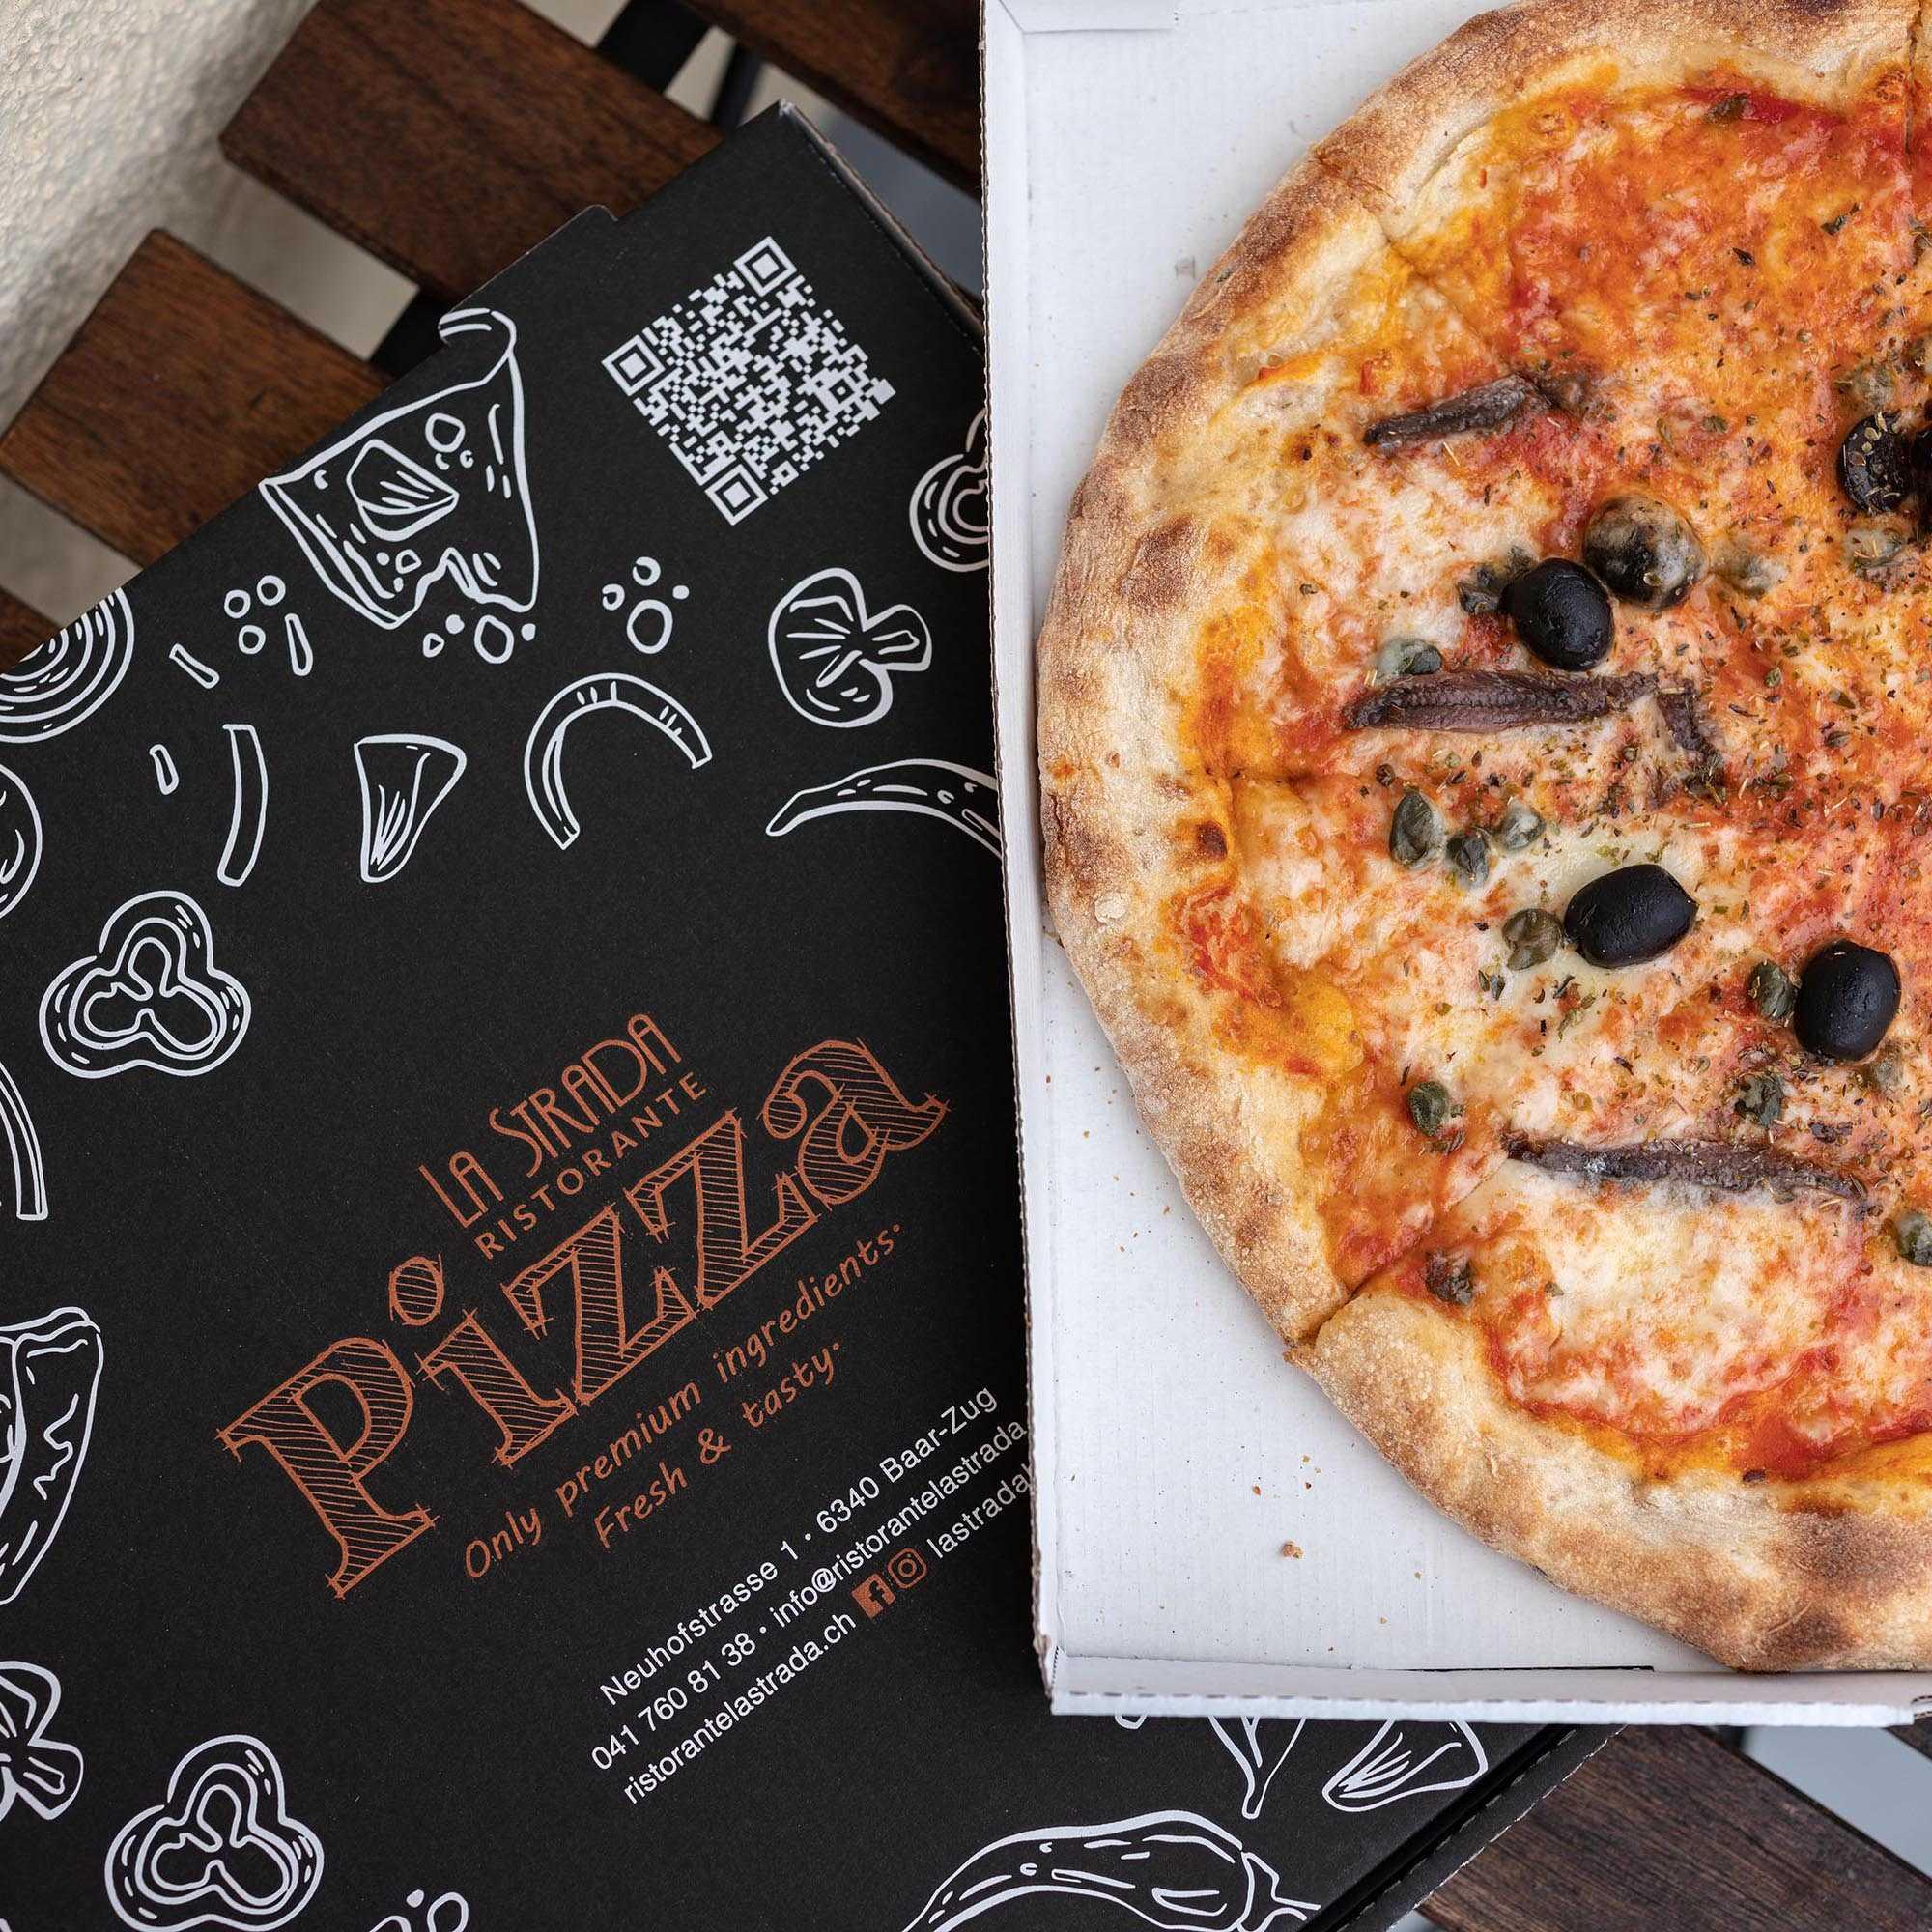 La Strada Pizza Schachtel mit einer offenen Pizza.